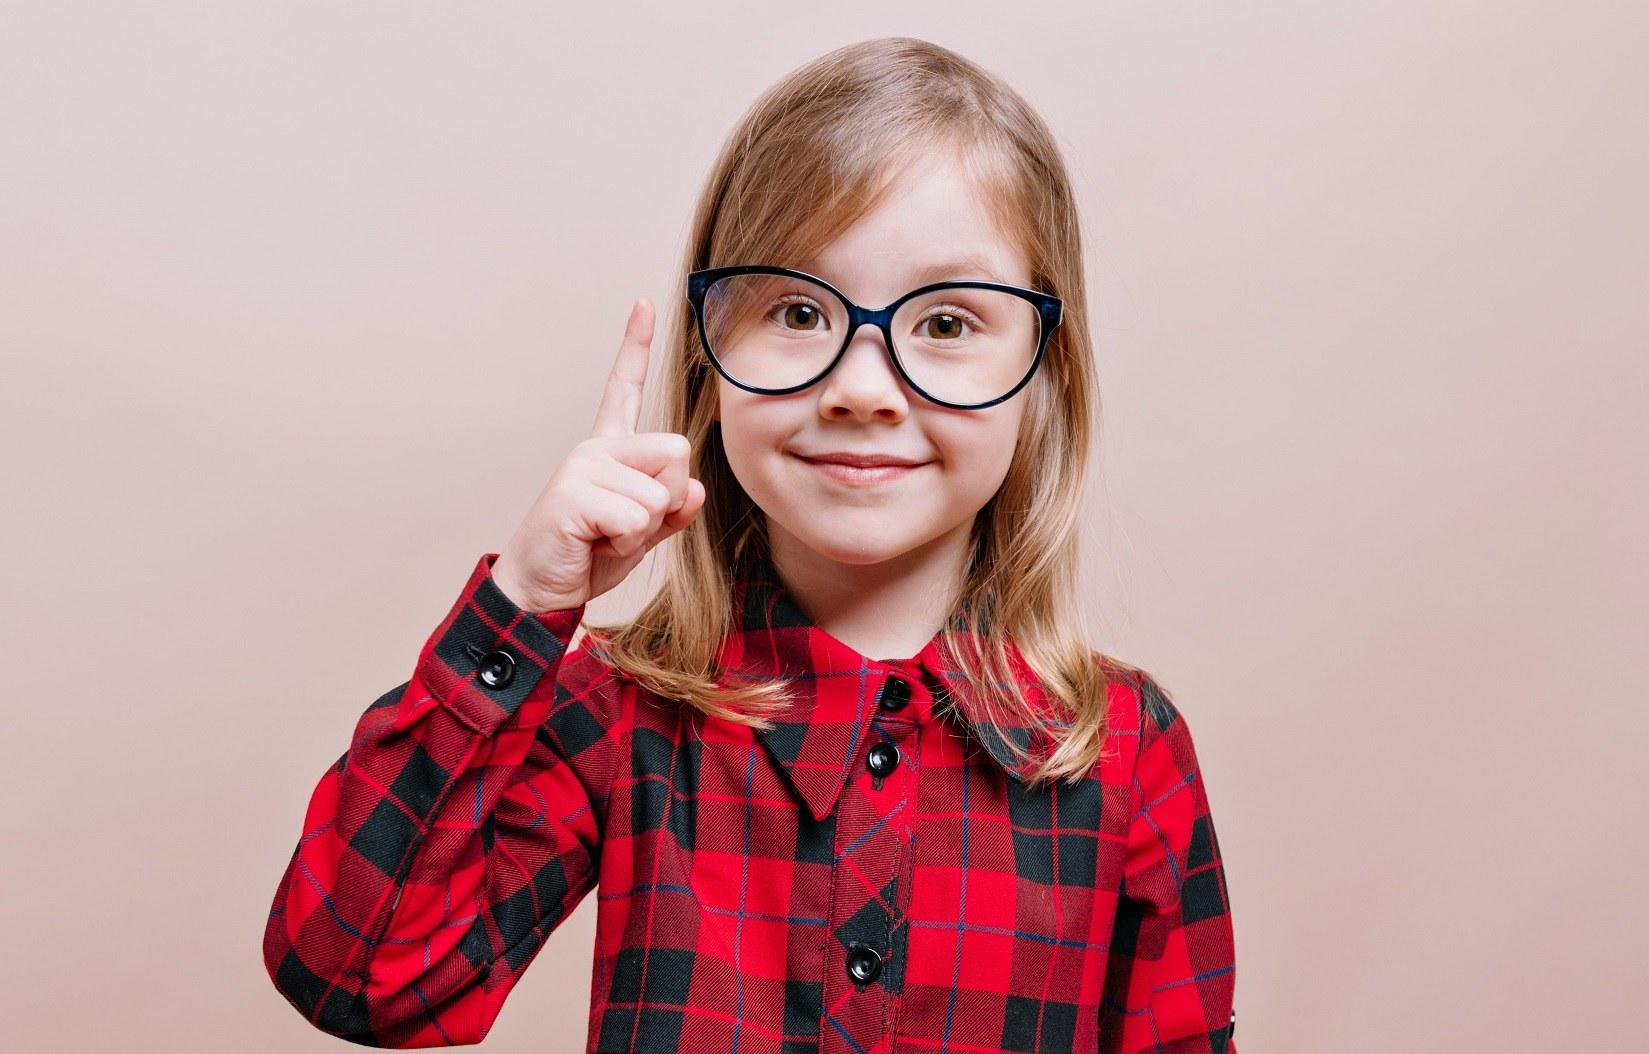 Qu'est ce que c'est: oeil paresseux ou strabisme?